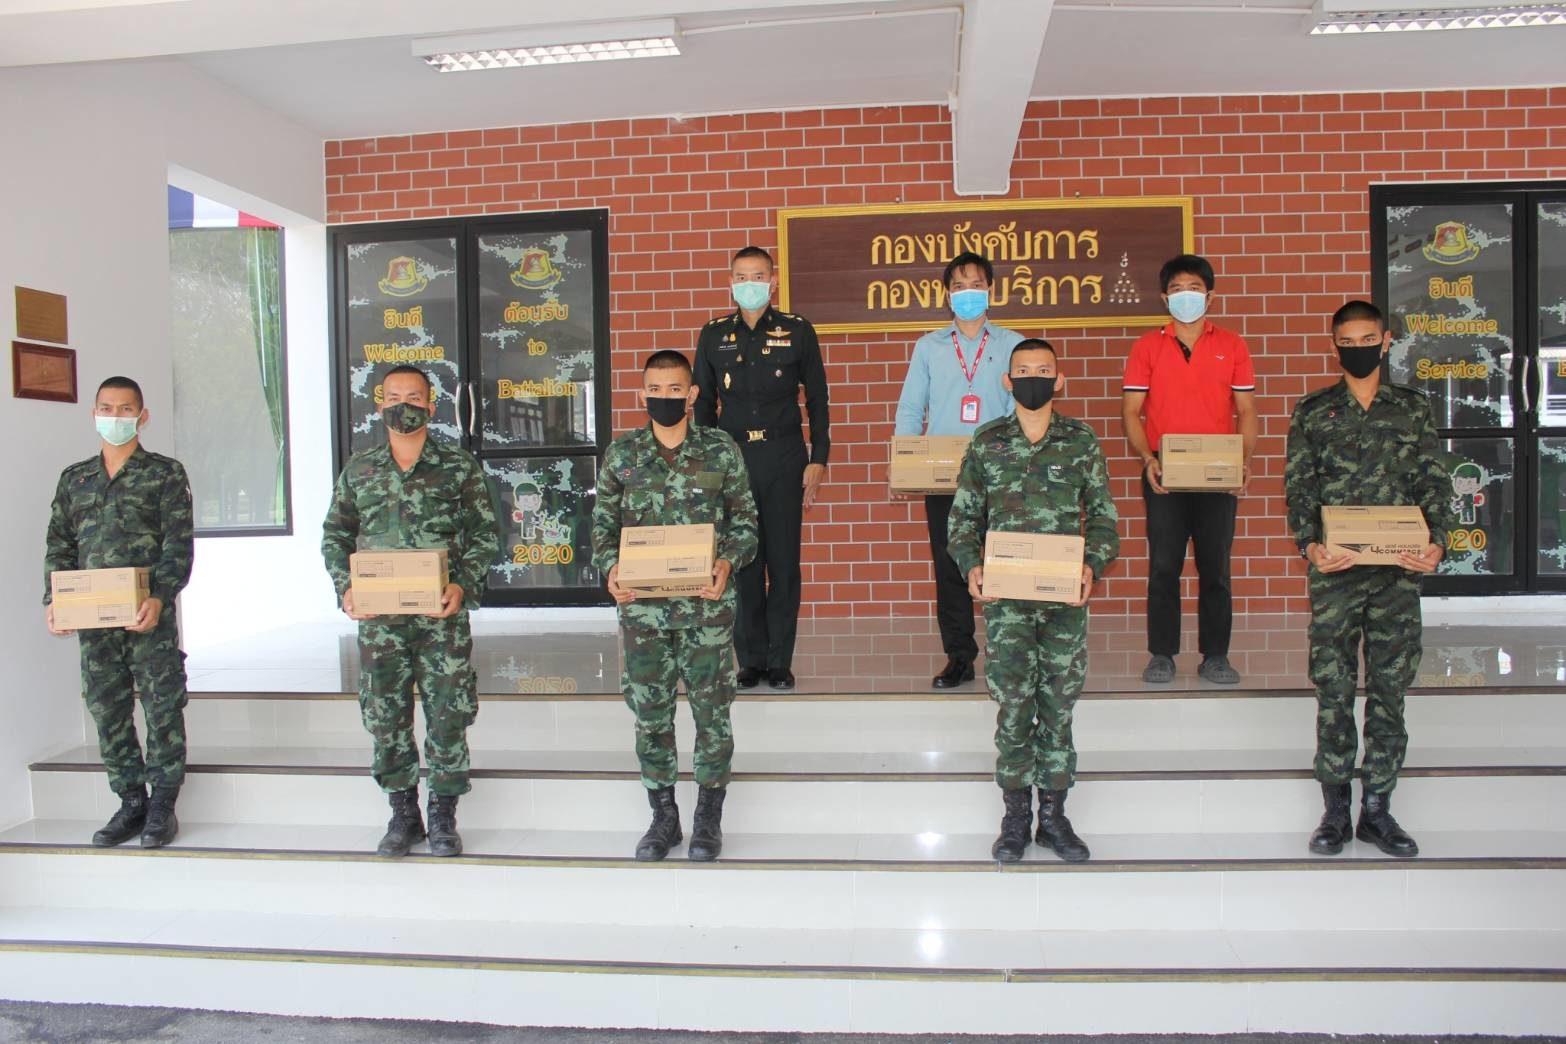 ไปรษณีย์ โคกกะเทียม ร่วมกับกองพันบริการฯ จัดโครงการ กล่องปันสุข ส่งกลับภูมิลำเนา